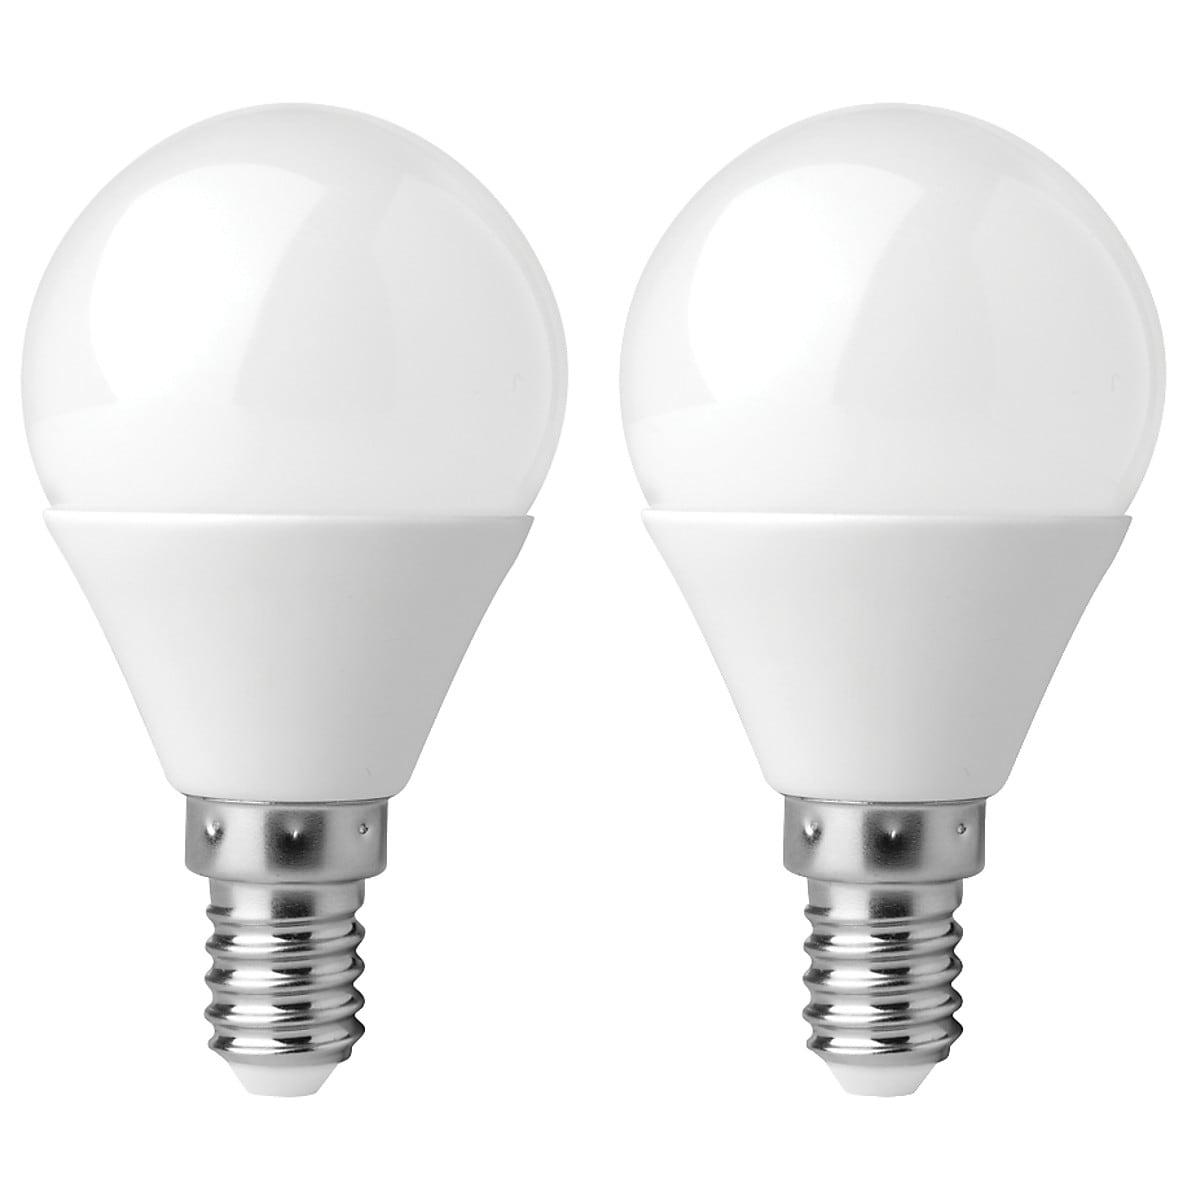 Klotlampa LED E14 Clas Ohlson 2-pack